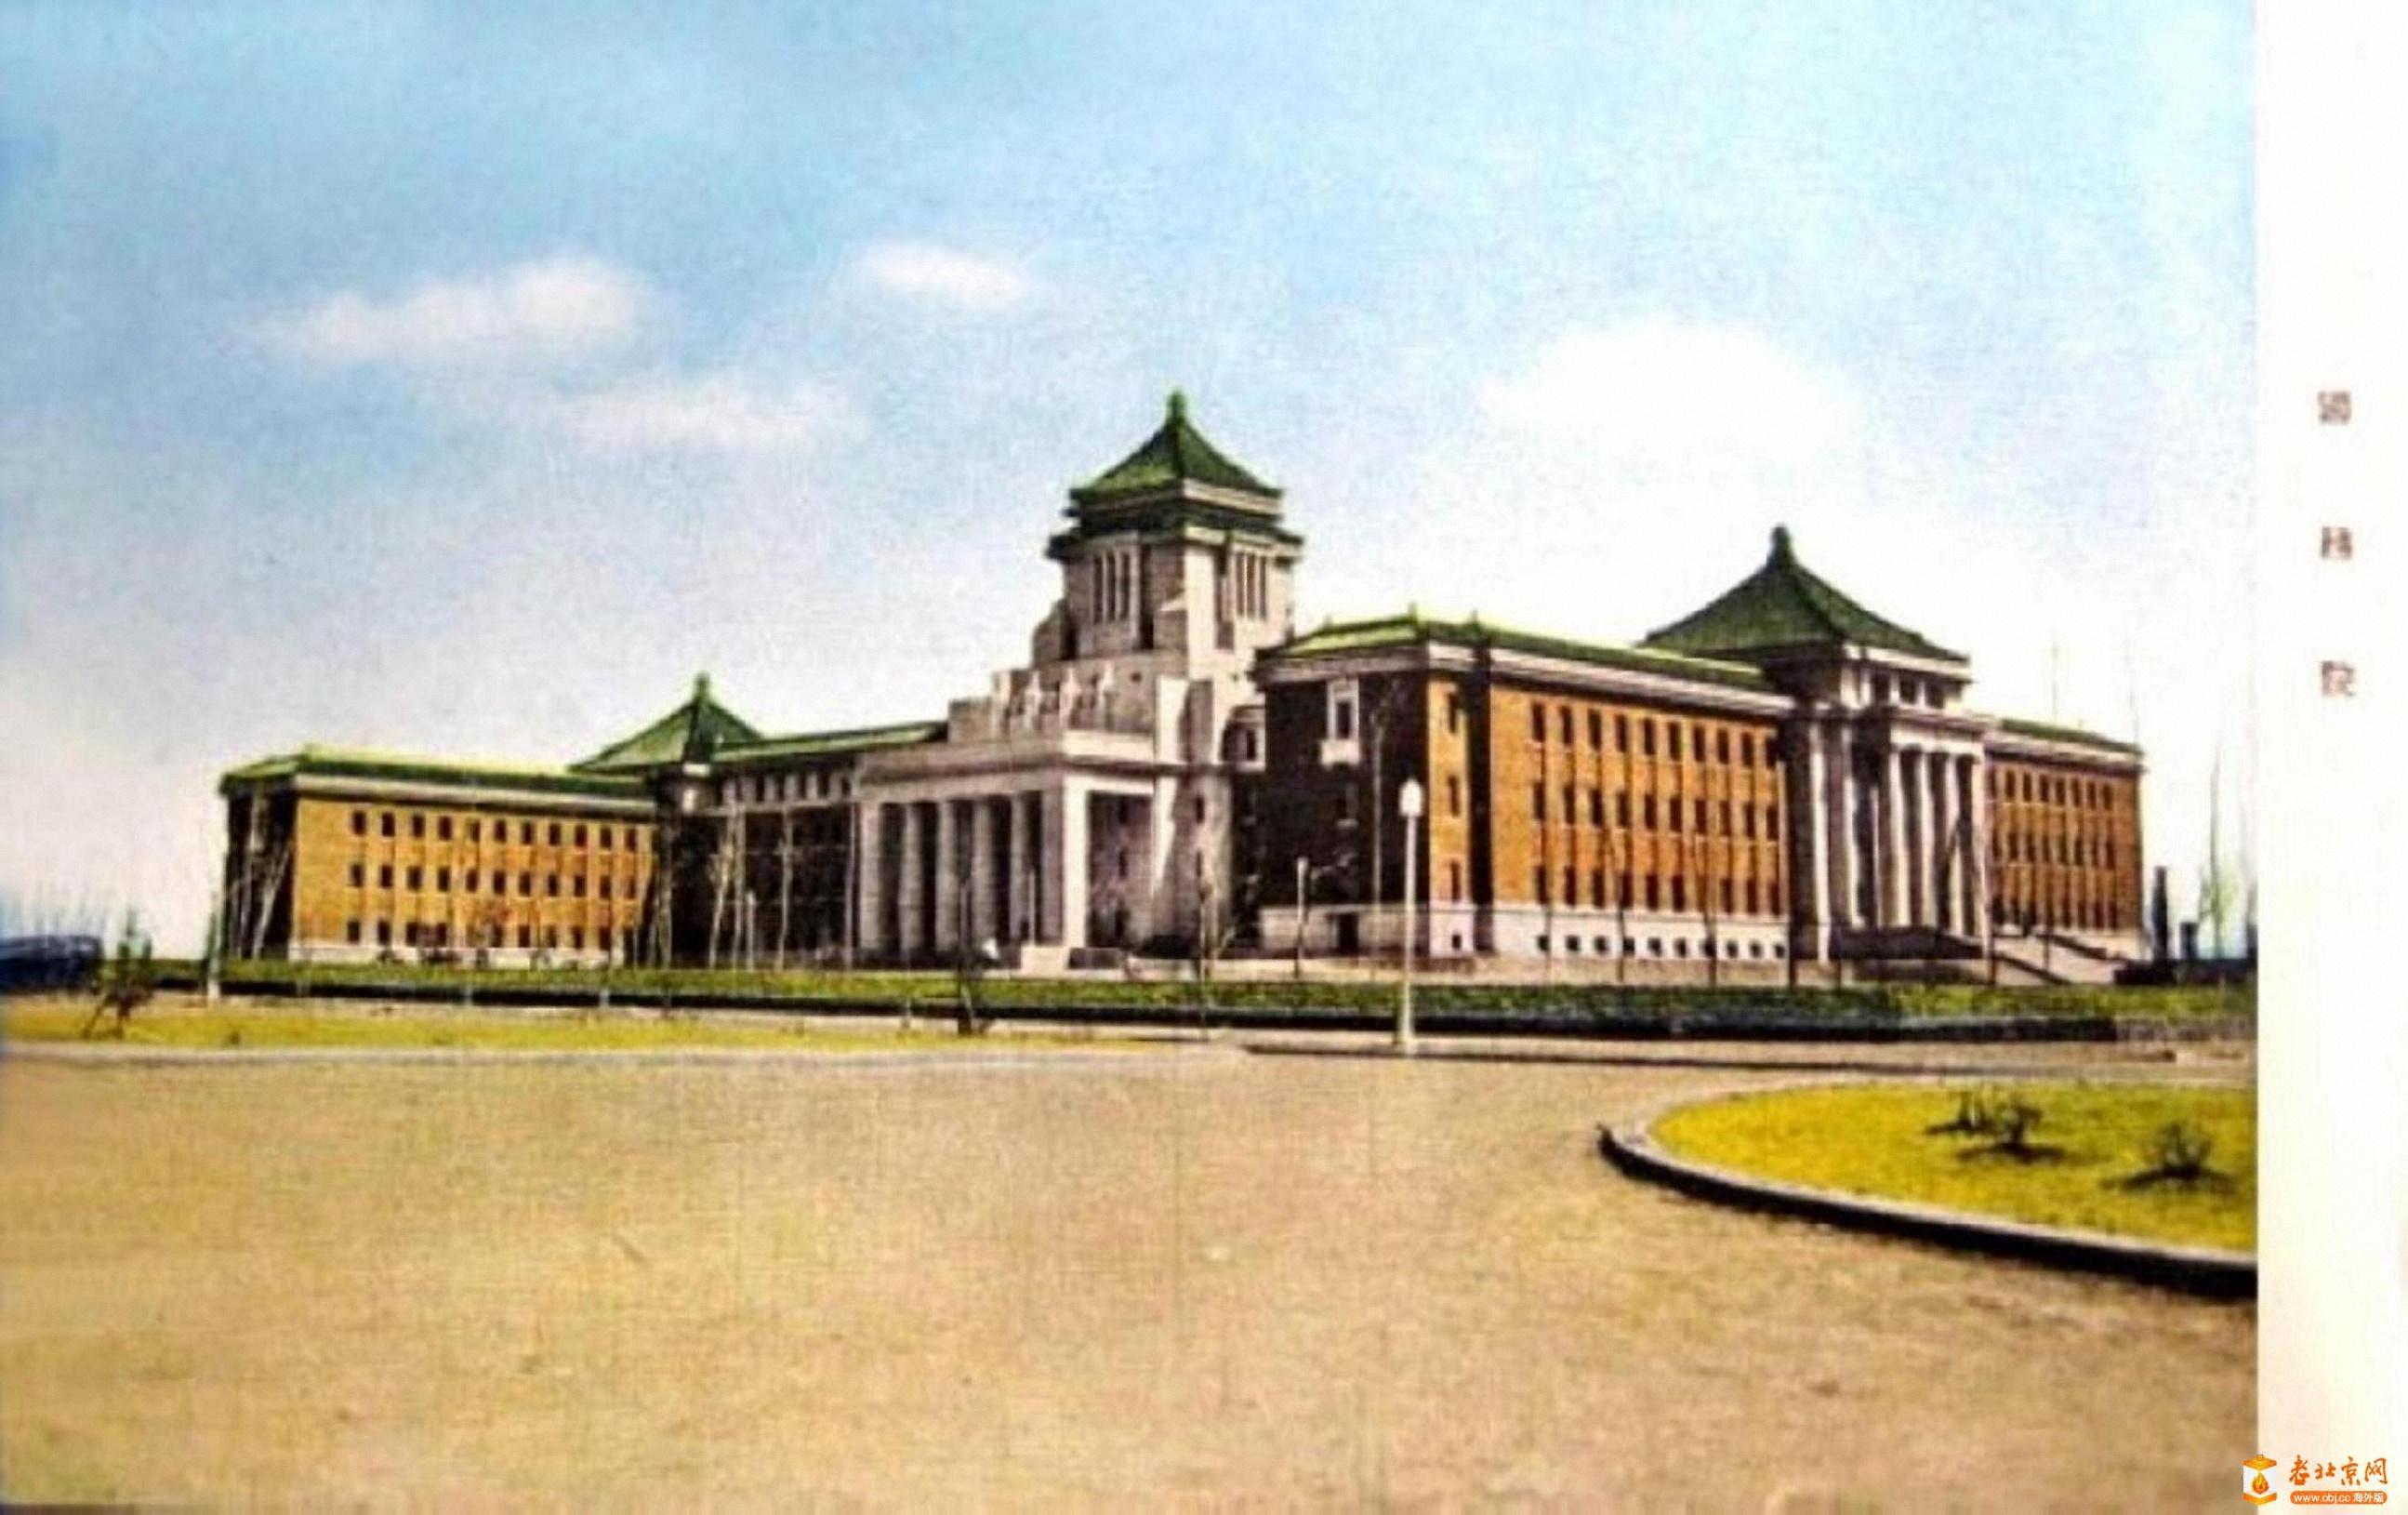 036.国务院.jpg